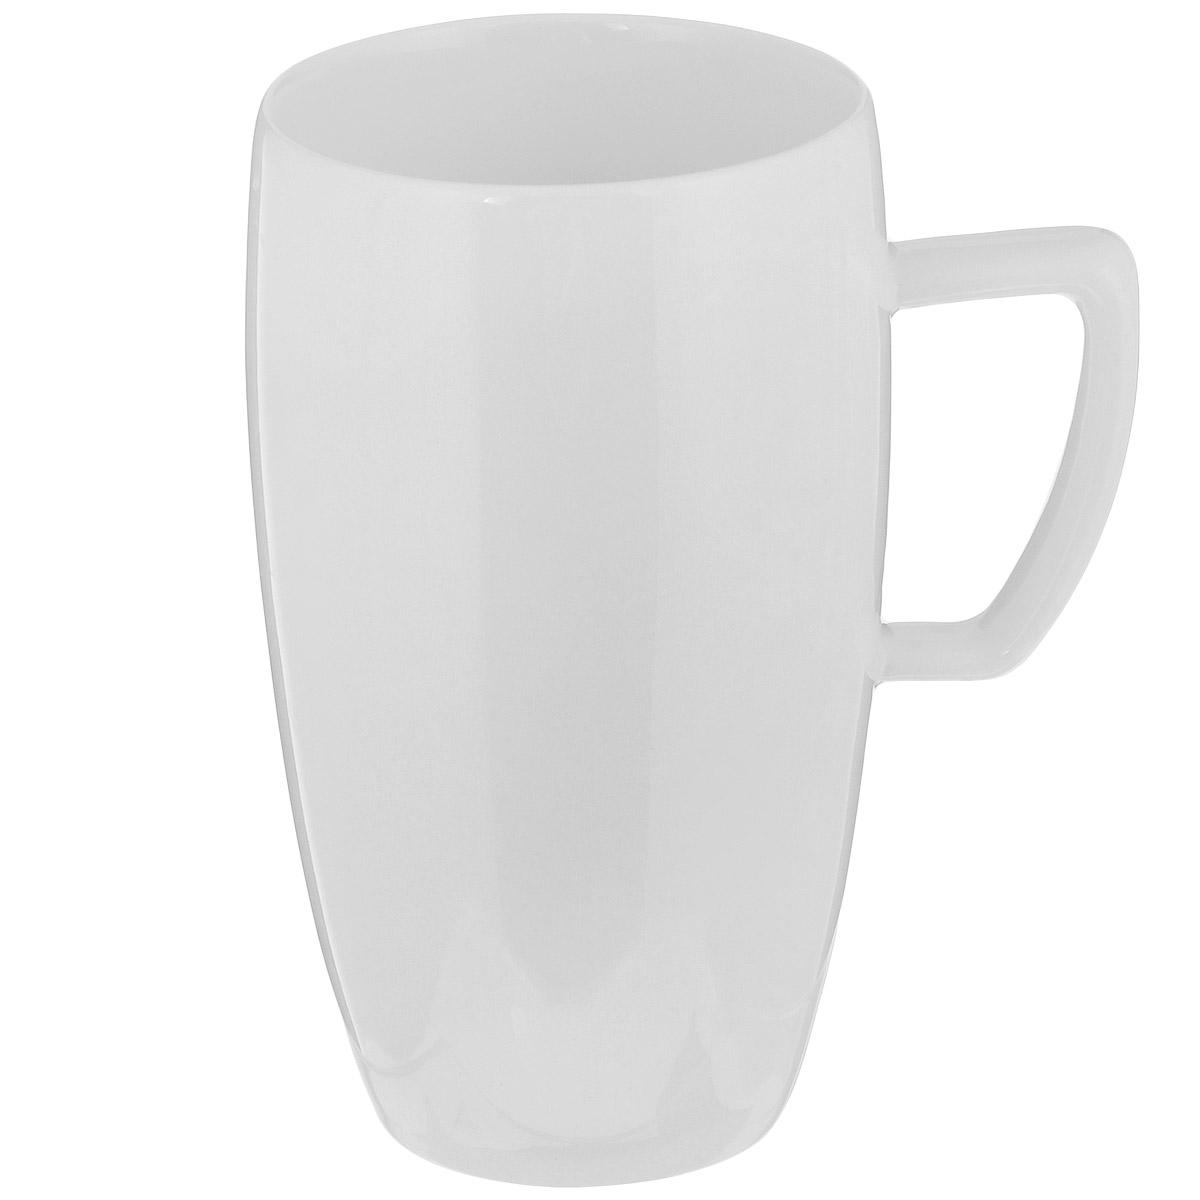 Чашка для кофе латте Tescoma Crema, 500 мл387136Чашка Tescoma Crema выполнена из высококачественного фарфора однотонного цвета и прекрасно подойдет для вашей кухни. Чашка изысканно украсит сервировку как обеденного, так и праздничного стола. Предназначена подачи кофе латте. Пригодна для использования в микроволновой печи. Можно мыть в посудомоечной машине. Диаметр по верхнему краю: 8 см. Высота: 14 см. Объем: 500 мл.